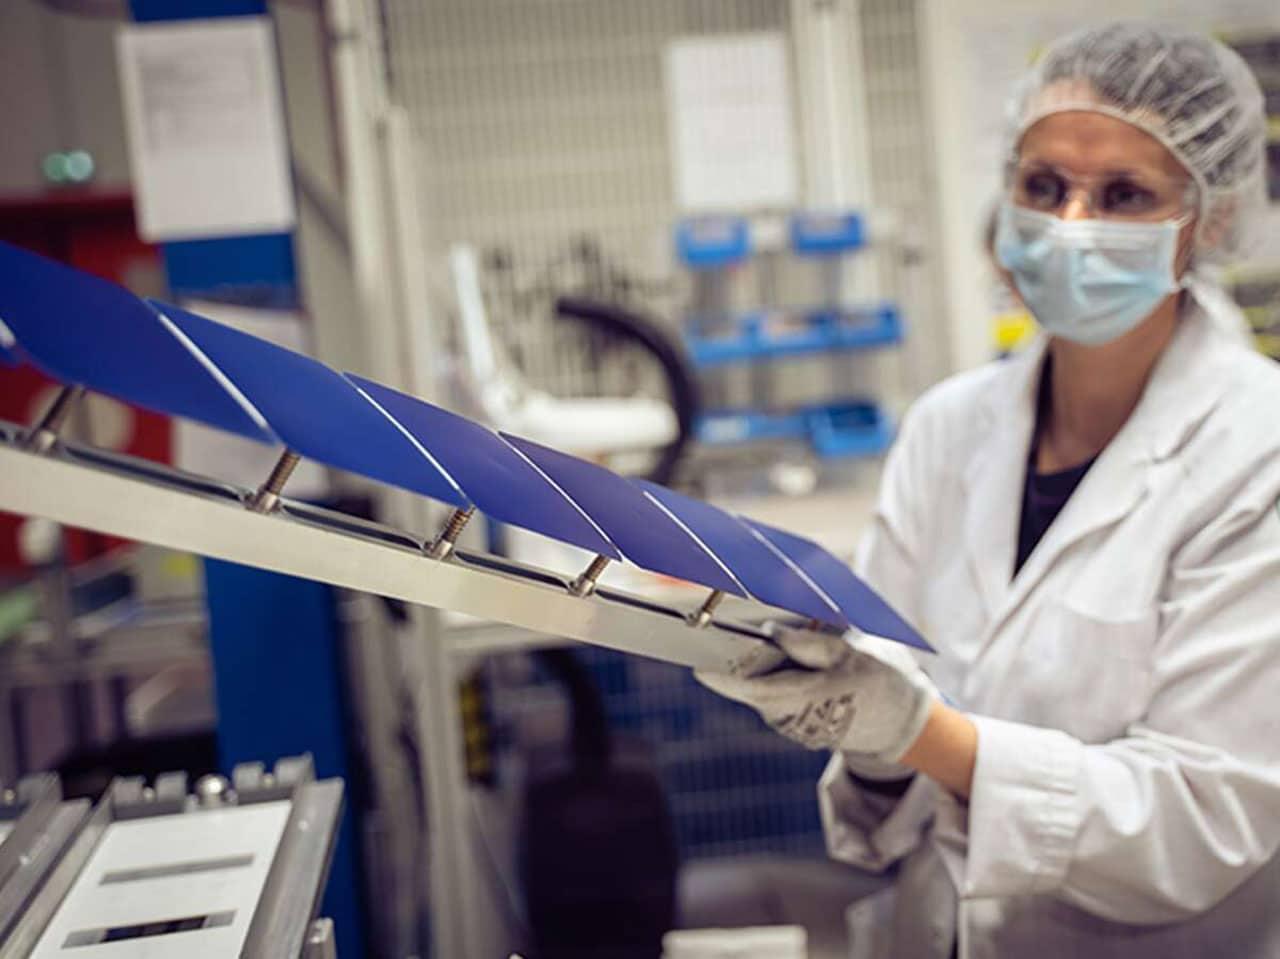 Тонкие, безрамные солнечные панели Maxeon клеятся непосредственно к крыше и генерируют на 50% больше энергии